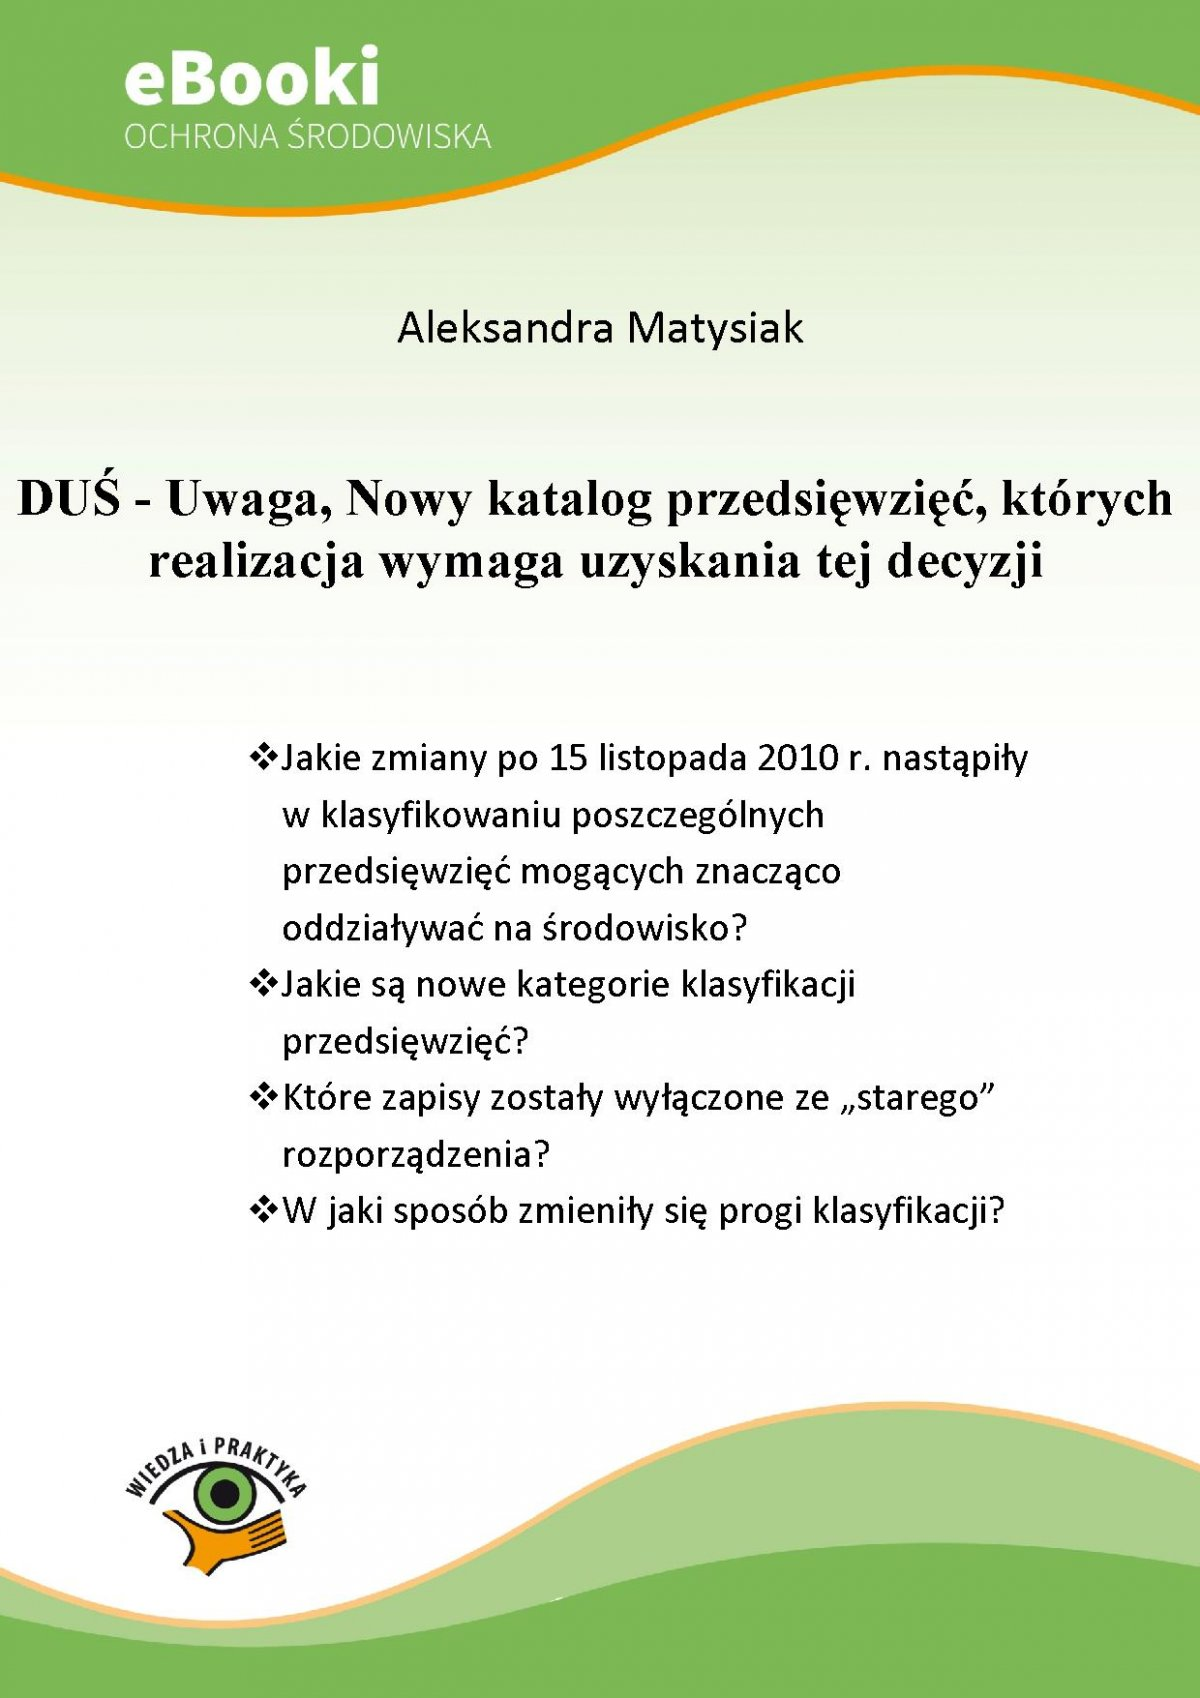 DUŚ - Uwaga, Nowy katalog przedsięwzięć, których realizacja wymaga uzyskania tej decyzji - Ebook (Książka PDF) do pobrania w formacie PDF